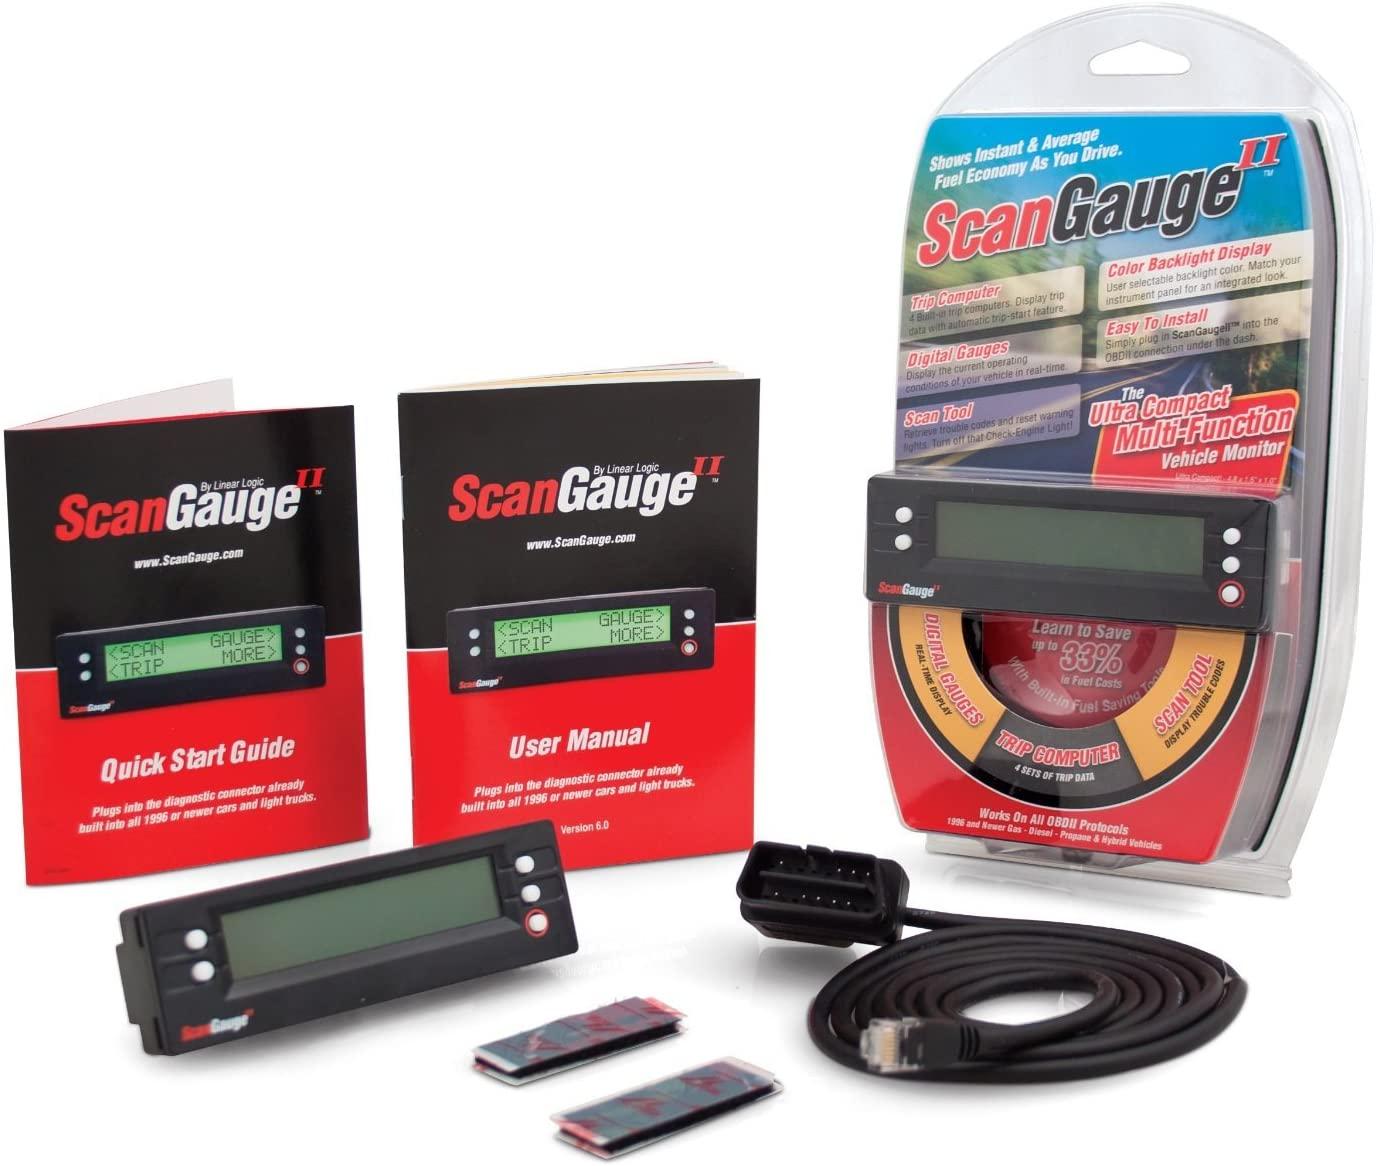 ScanGauge II + $12 Speed Perks Reward $119.99